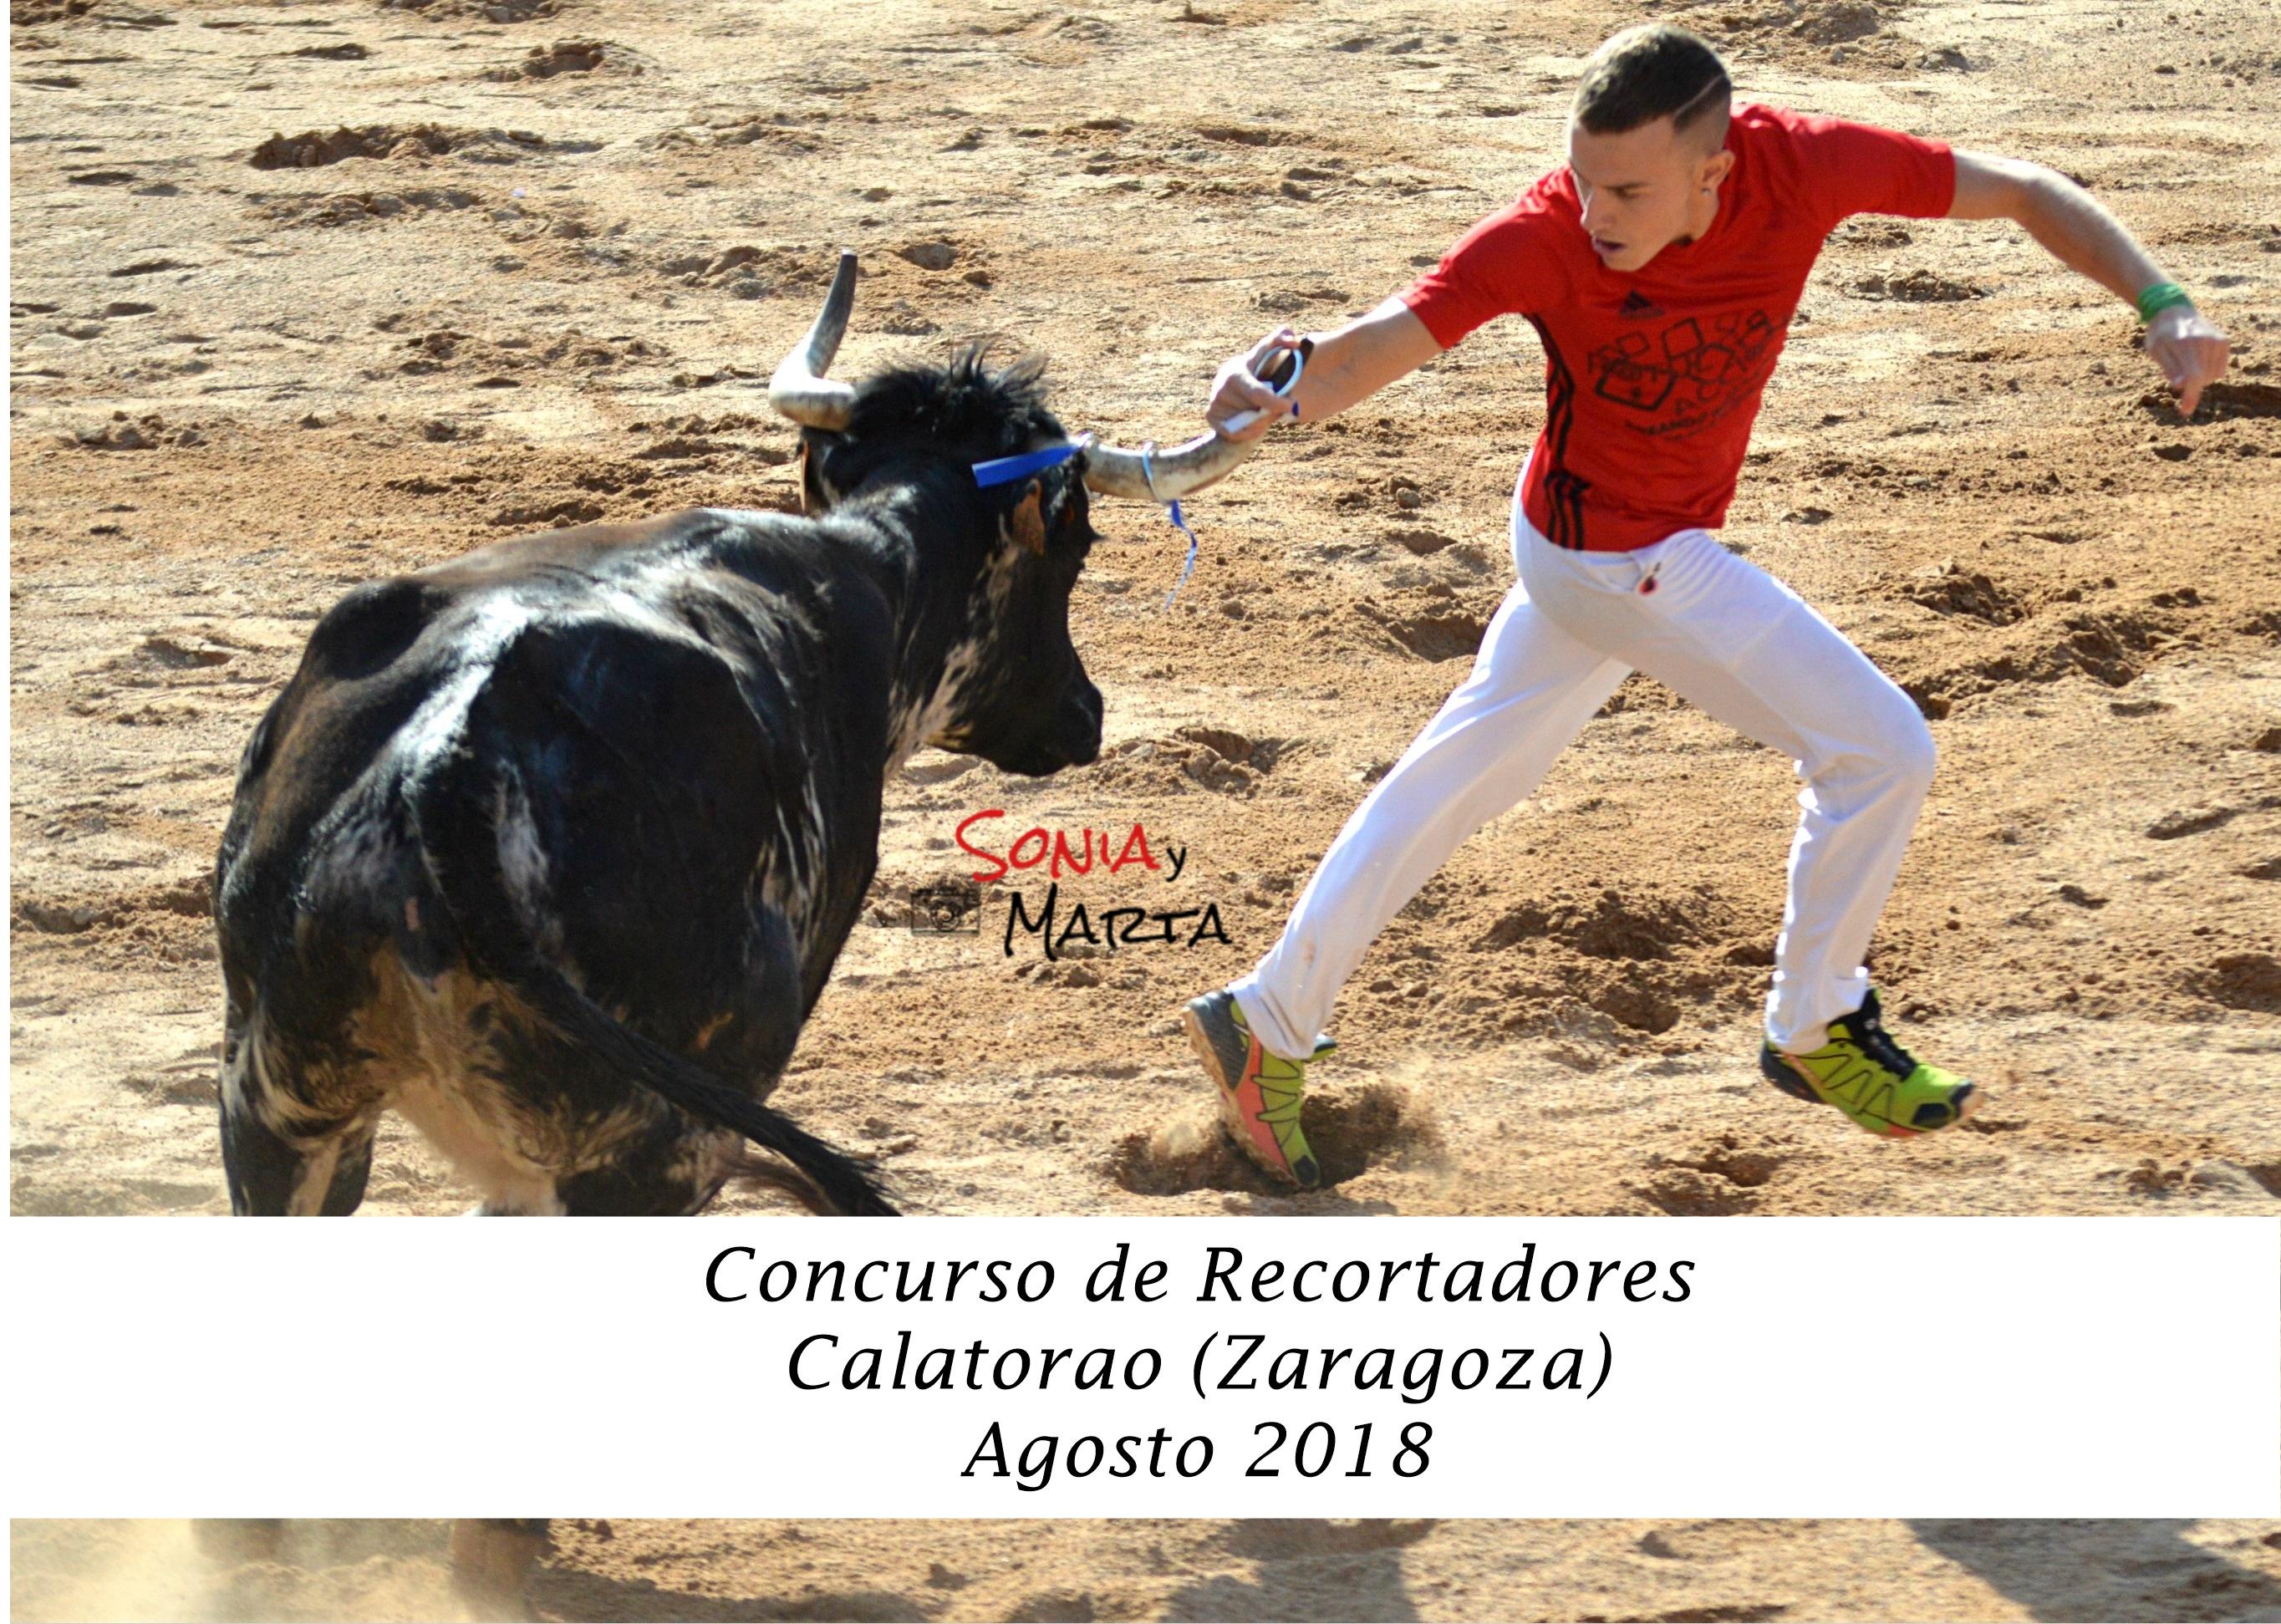 CONC DE REC CALATORAO AGOSTO (1)